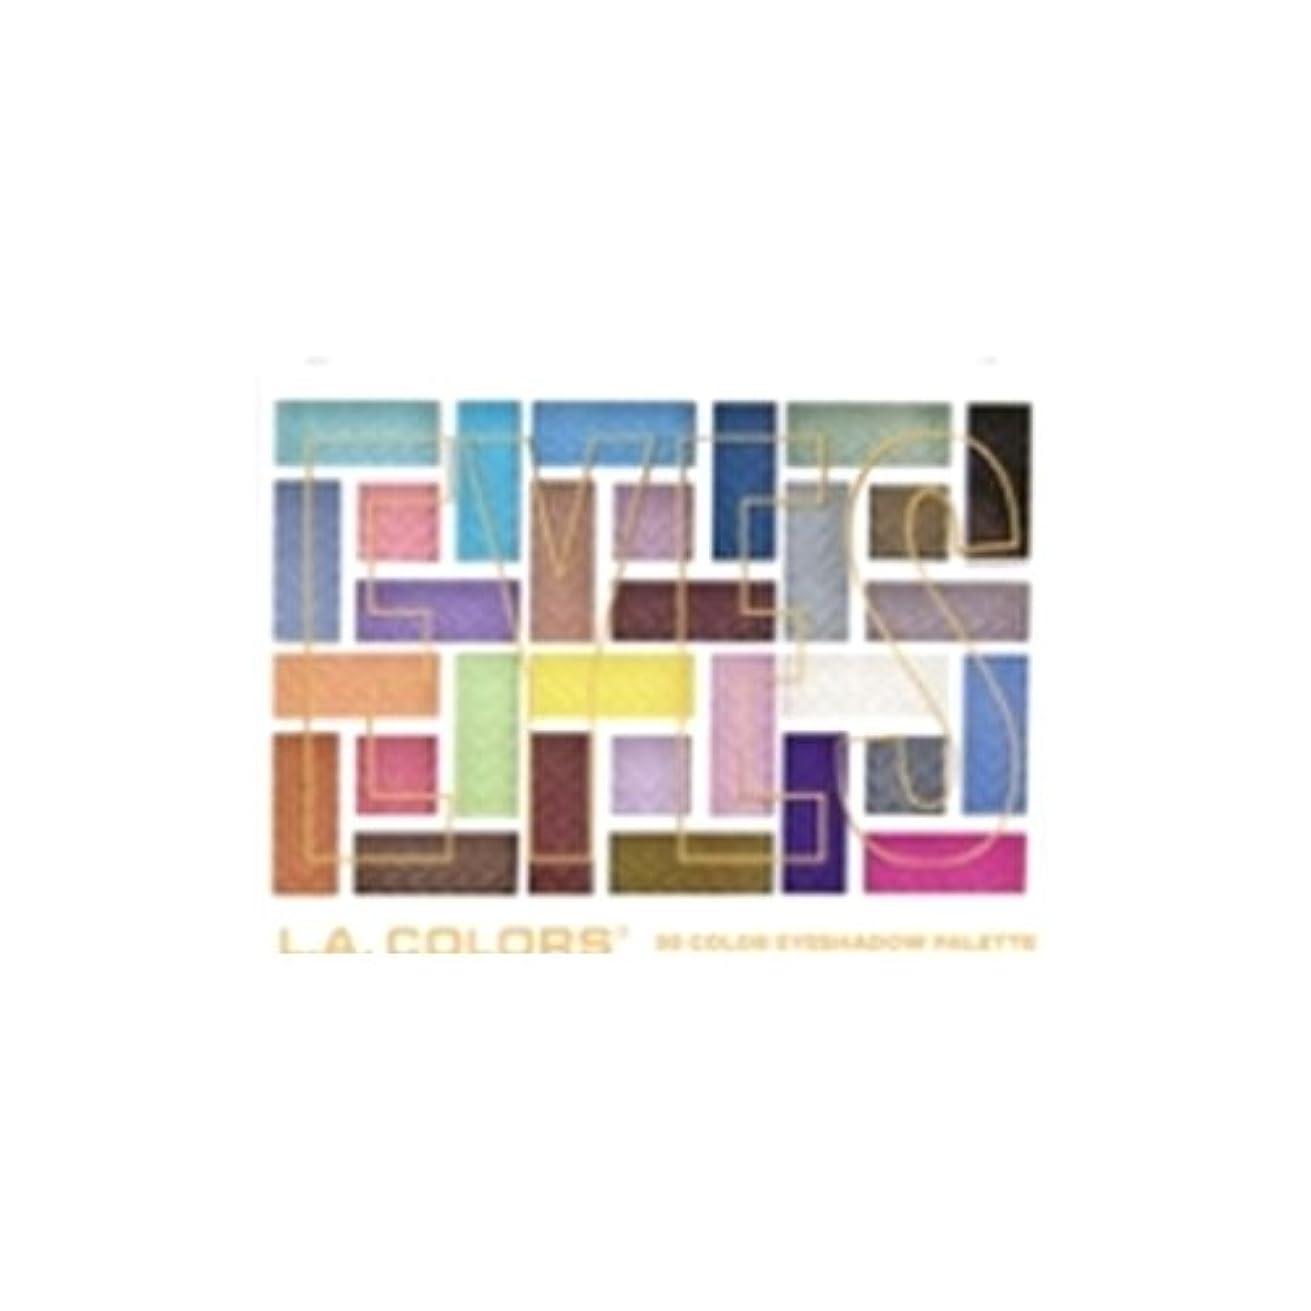 有効なほとんどないひねりL.A. COLORS 30 Color Eyeshadow Palette - In The Moment (並行輸入品)